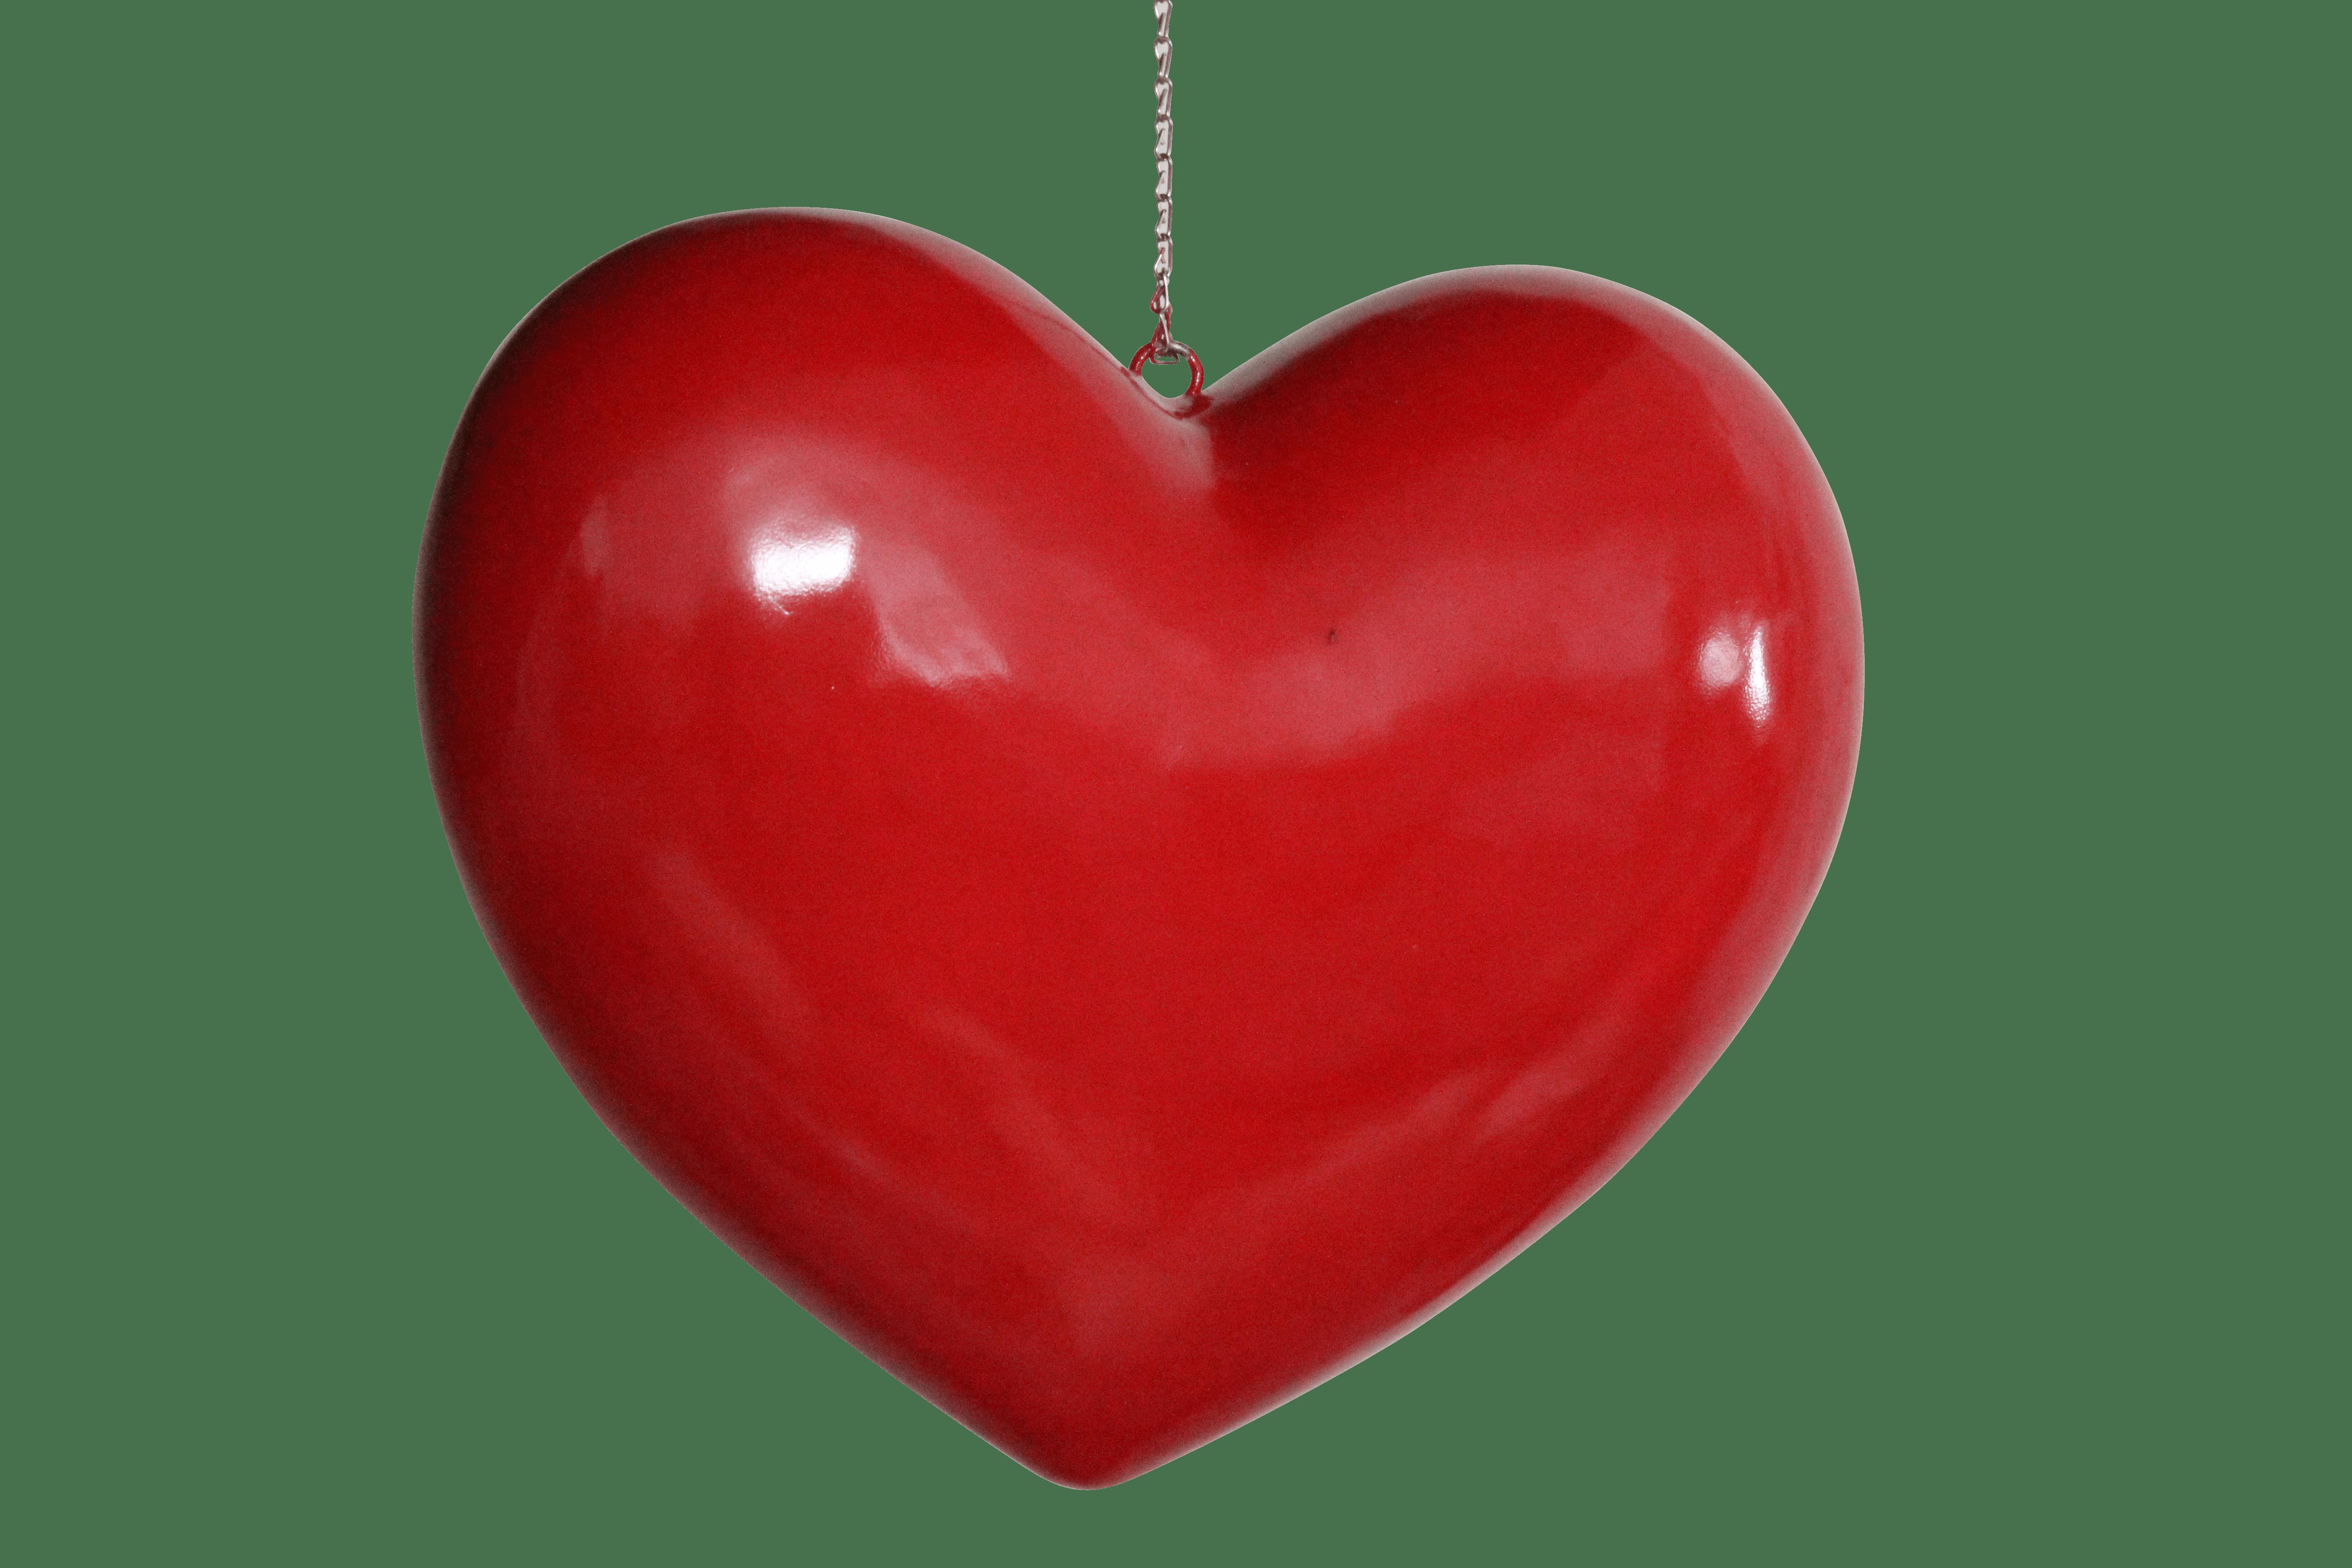 פסל של לב לתלייה